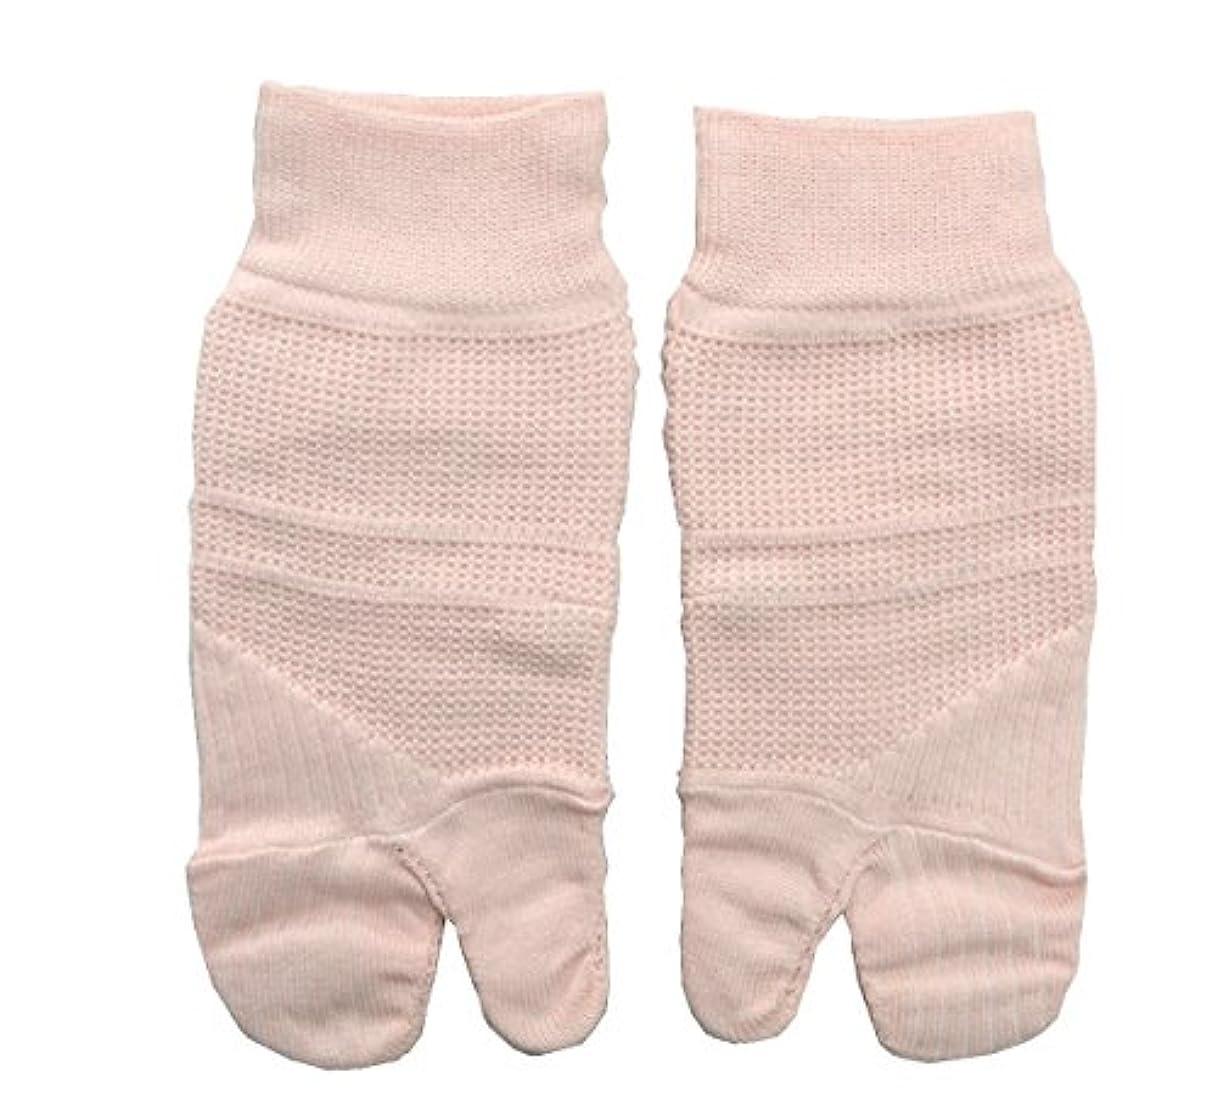 援助同化するトムオードリース外反母趾対策靴下(通常タイプ) コーポレーションパールスター?広島大学大学院特許製品